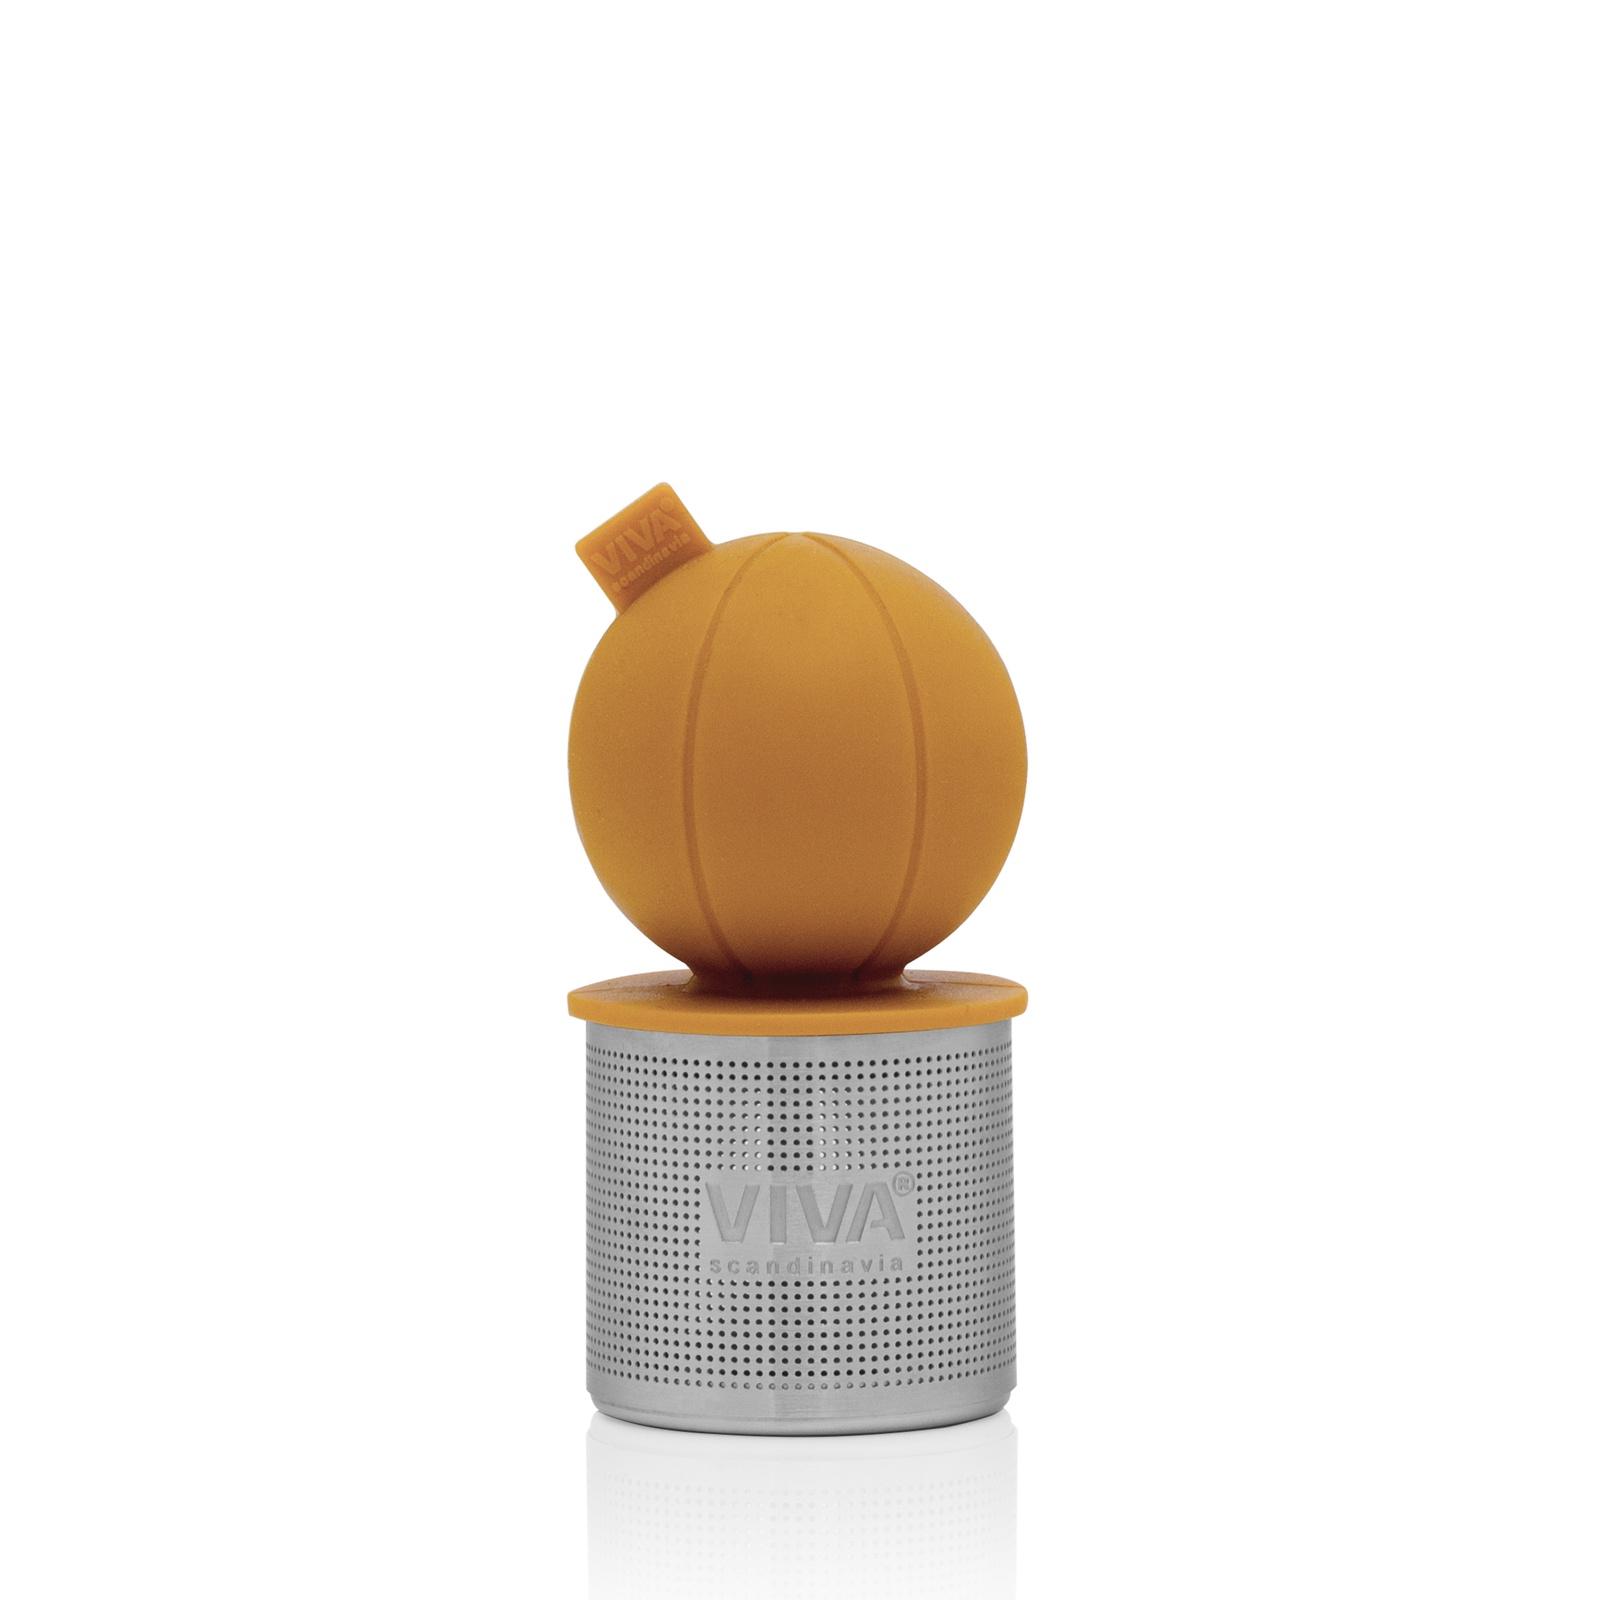 Ситечко Viva scandinavia Поплавок V77653 для заваривания чая, оранжевый